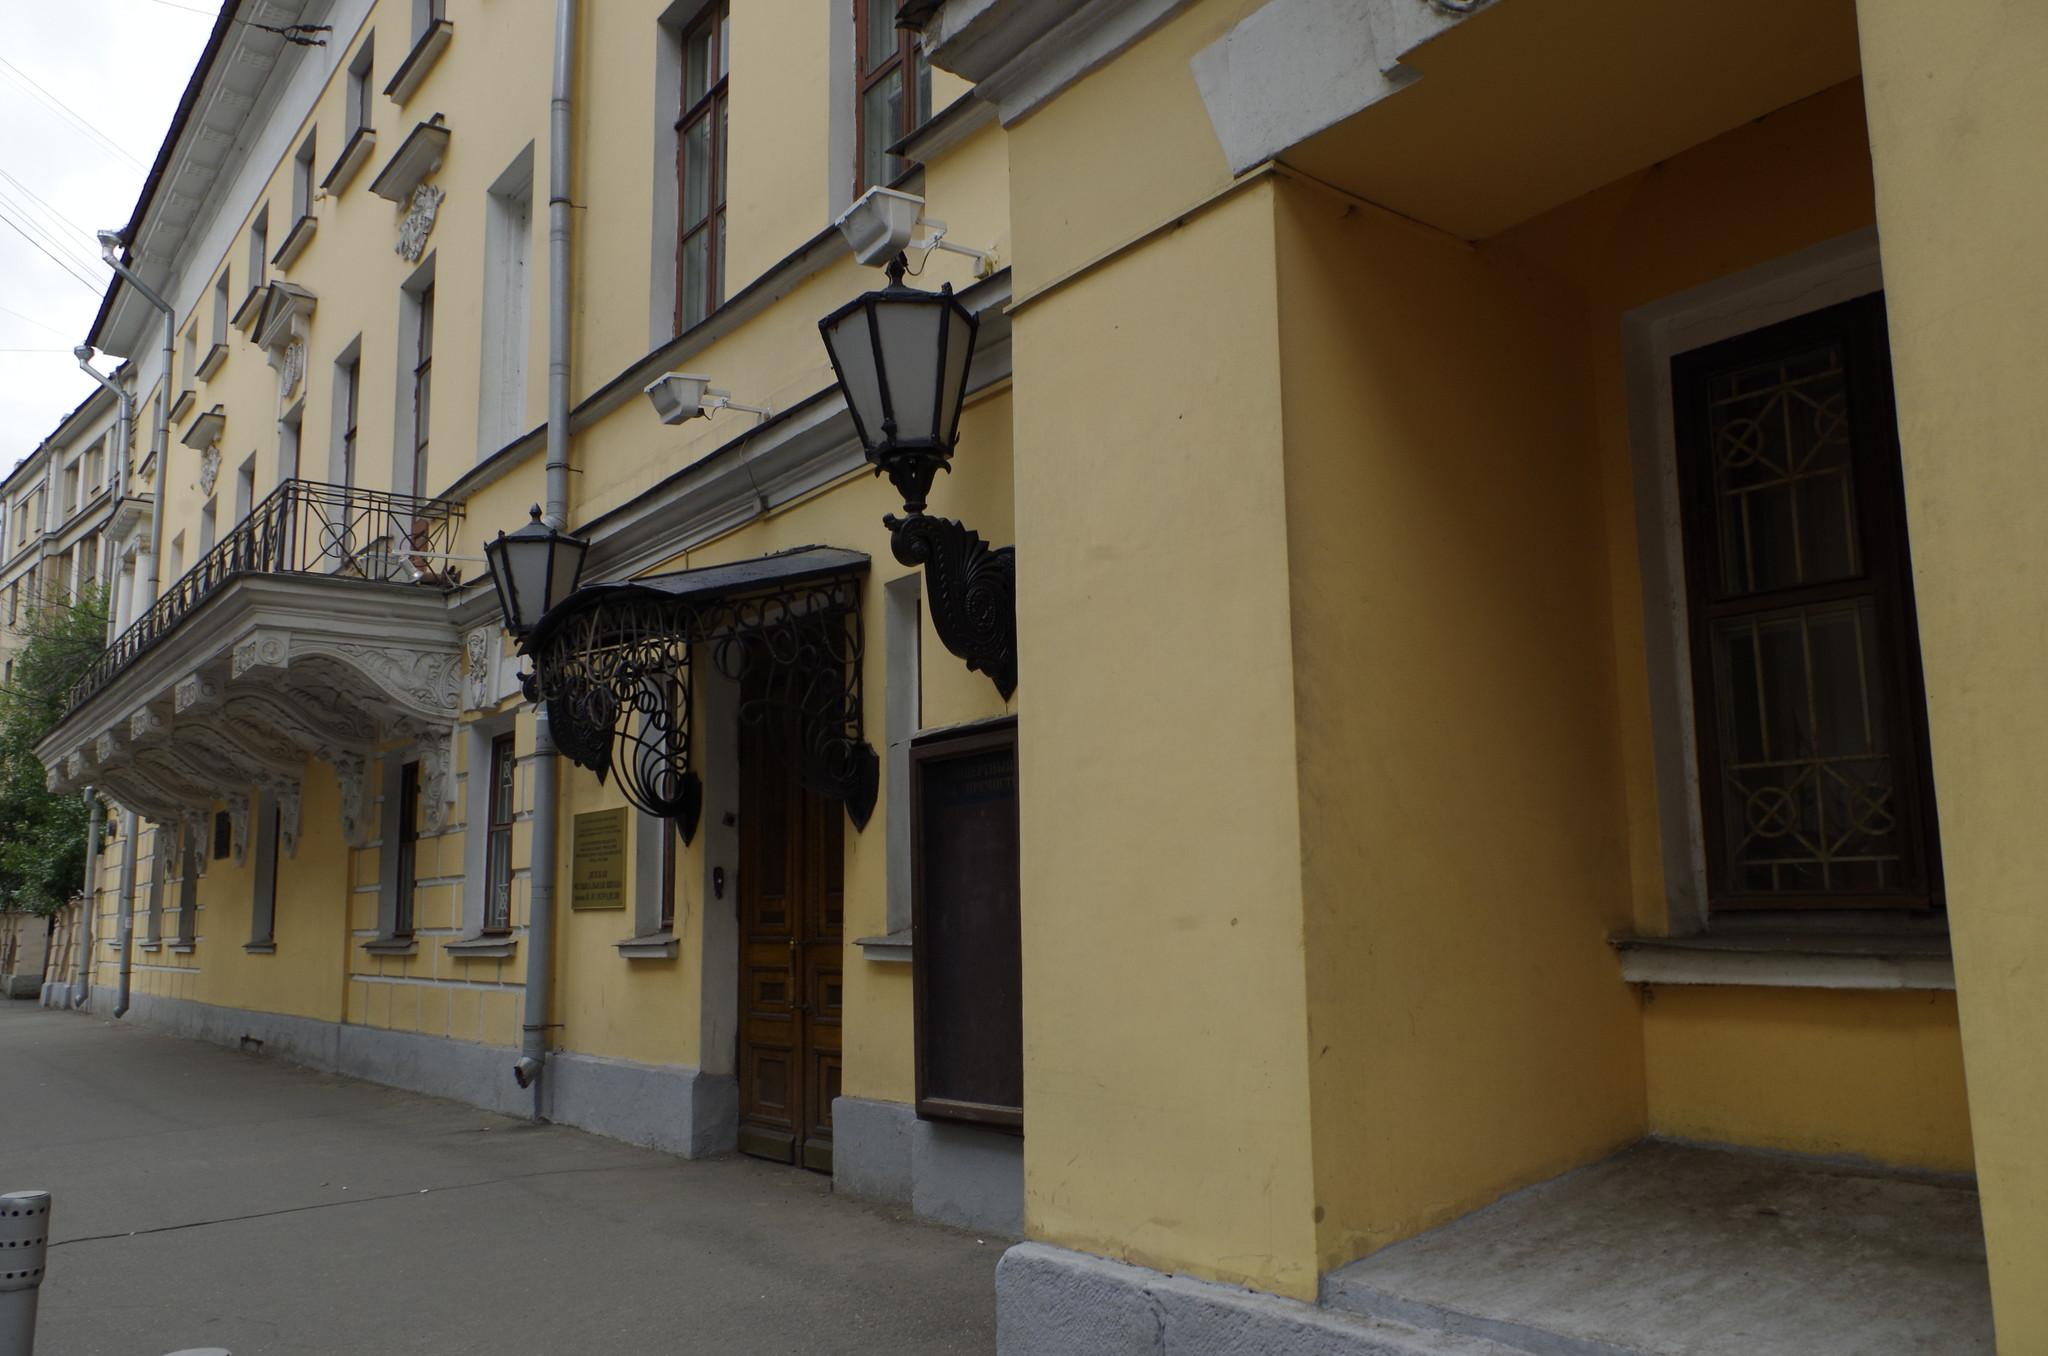 Гимназия Л.И. Поливанова в Москве (улица Пречистенка, дом 32)